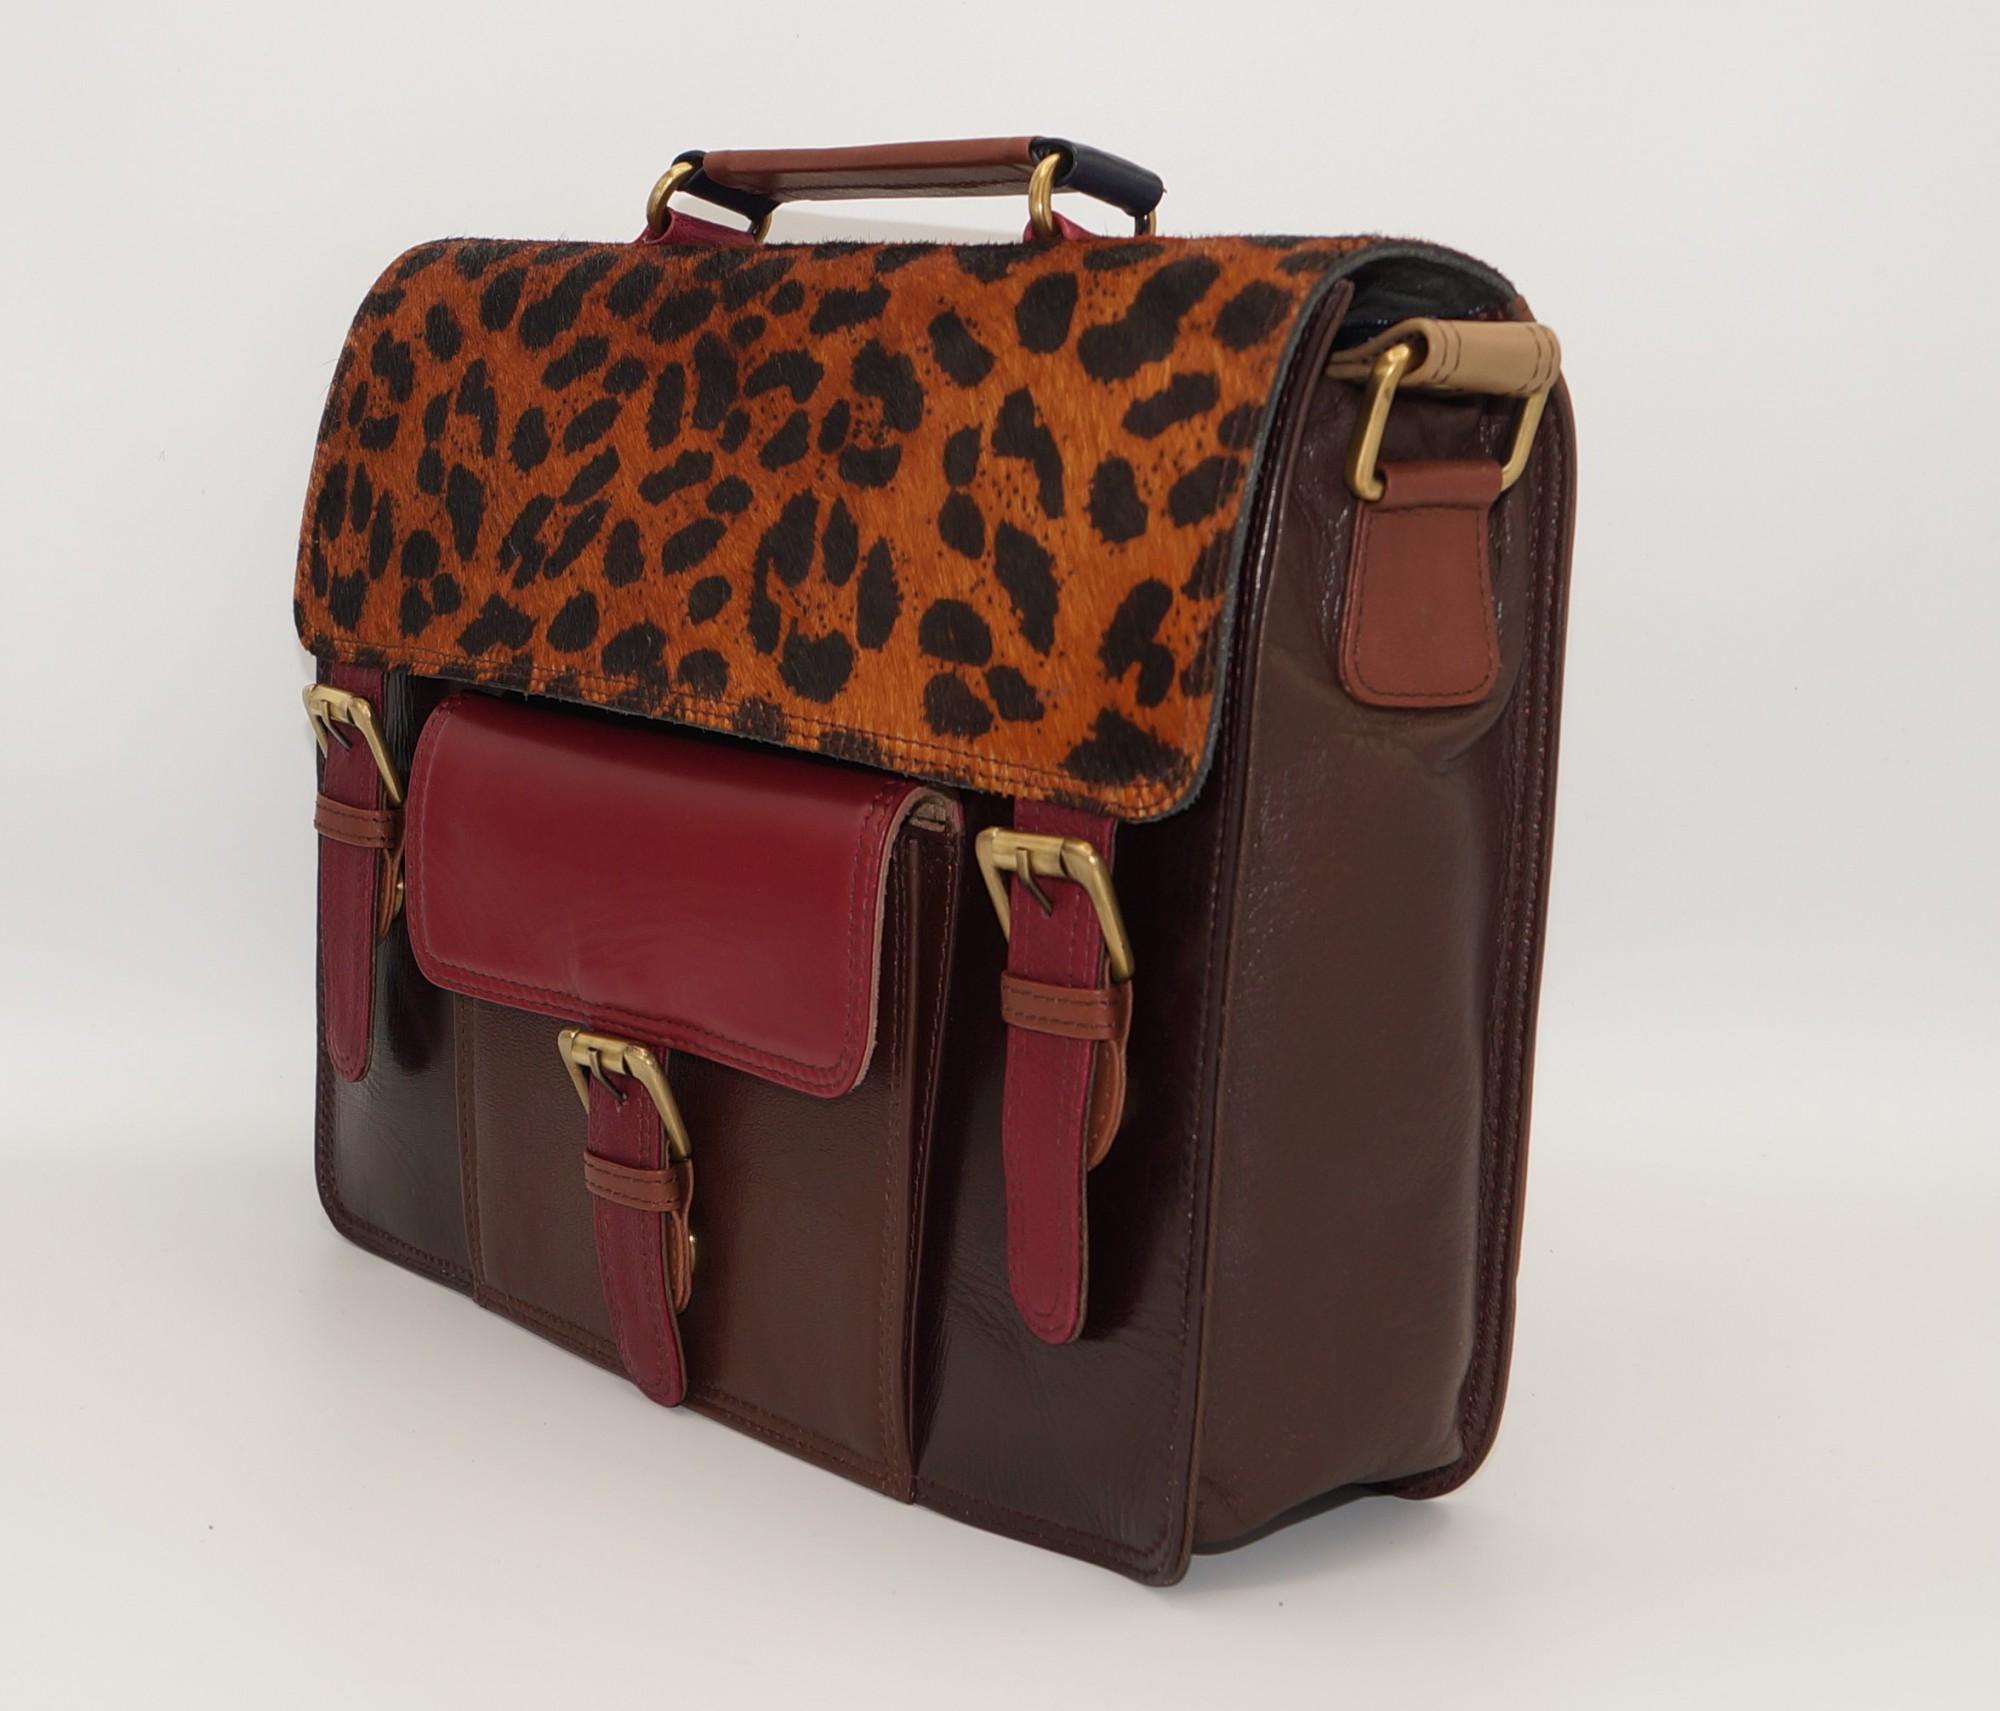 Grand sac forme cartable en cuir #12